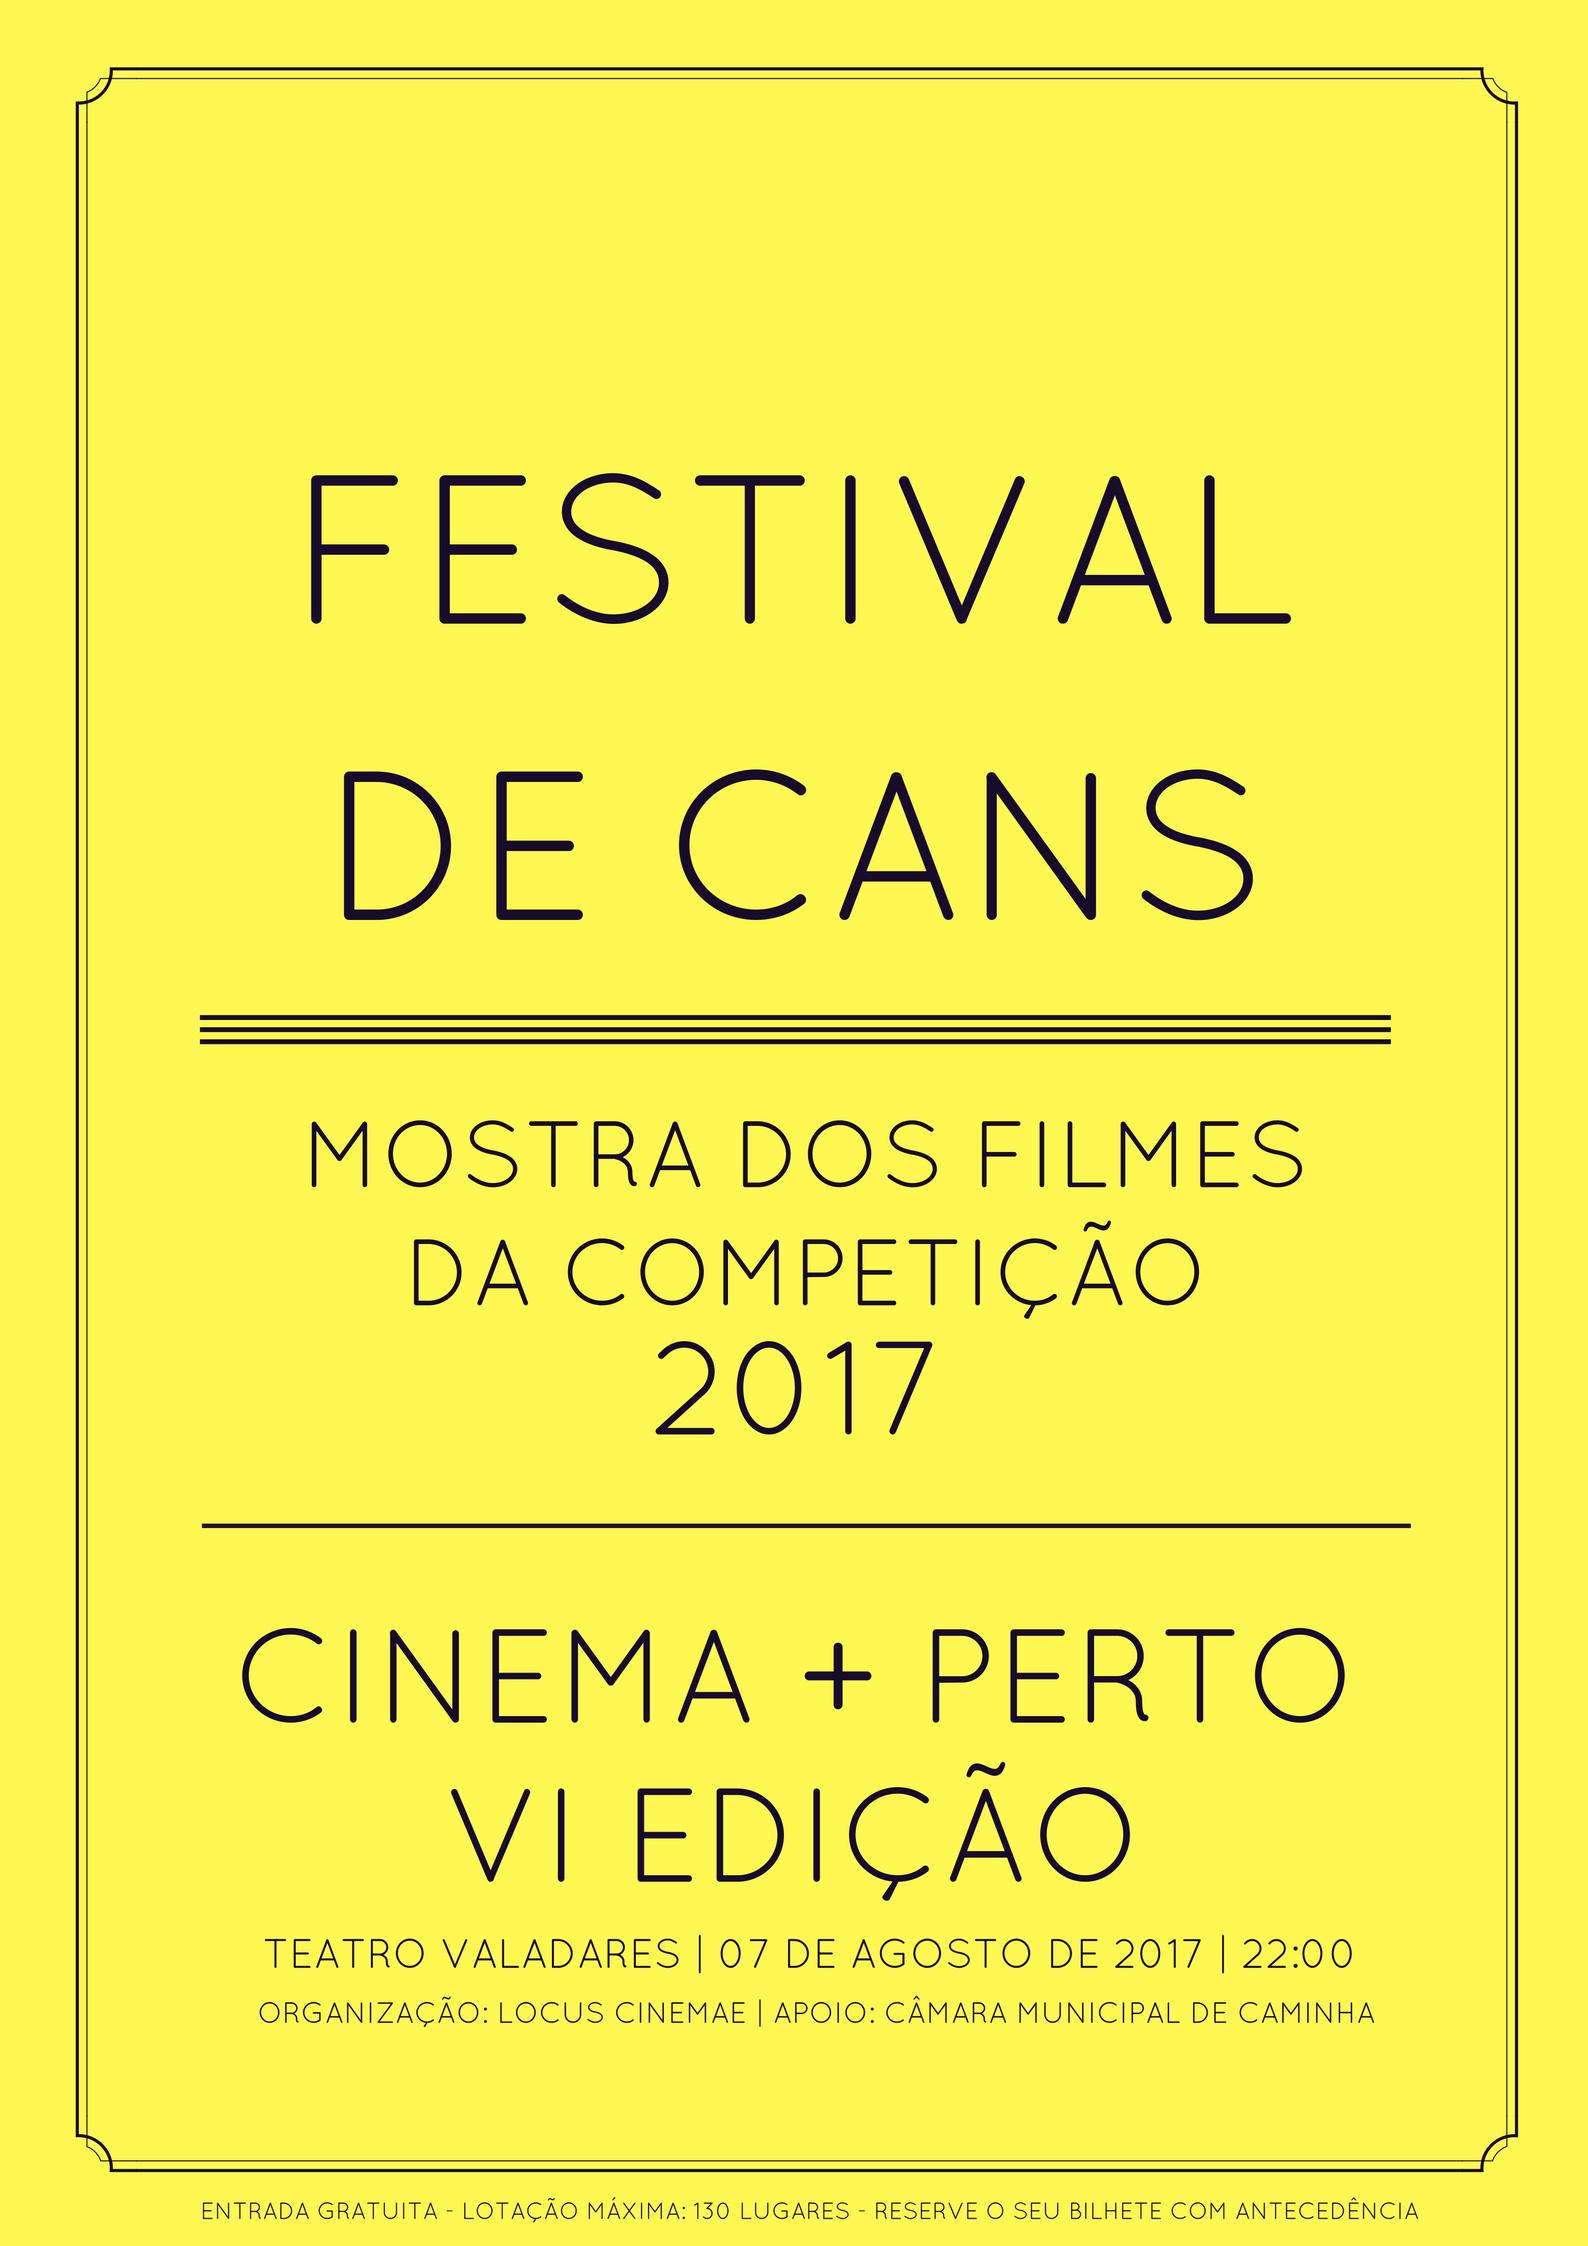 Cinema + Perto 2017: Festival de Cans - Apresentação de filmes da competição de 2017